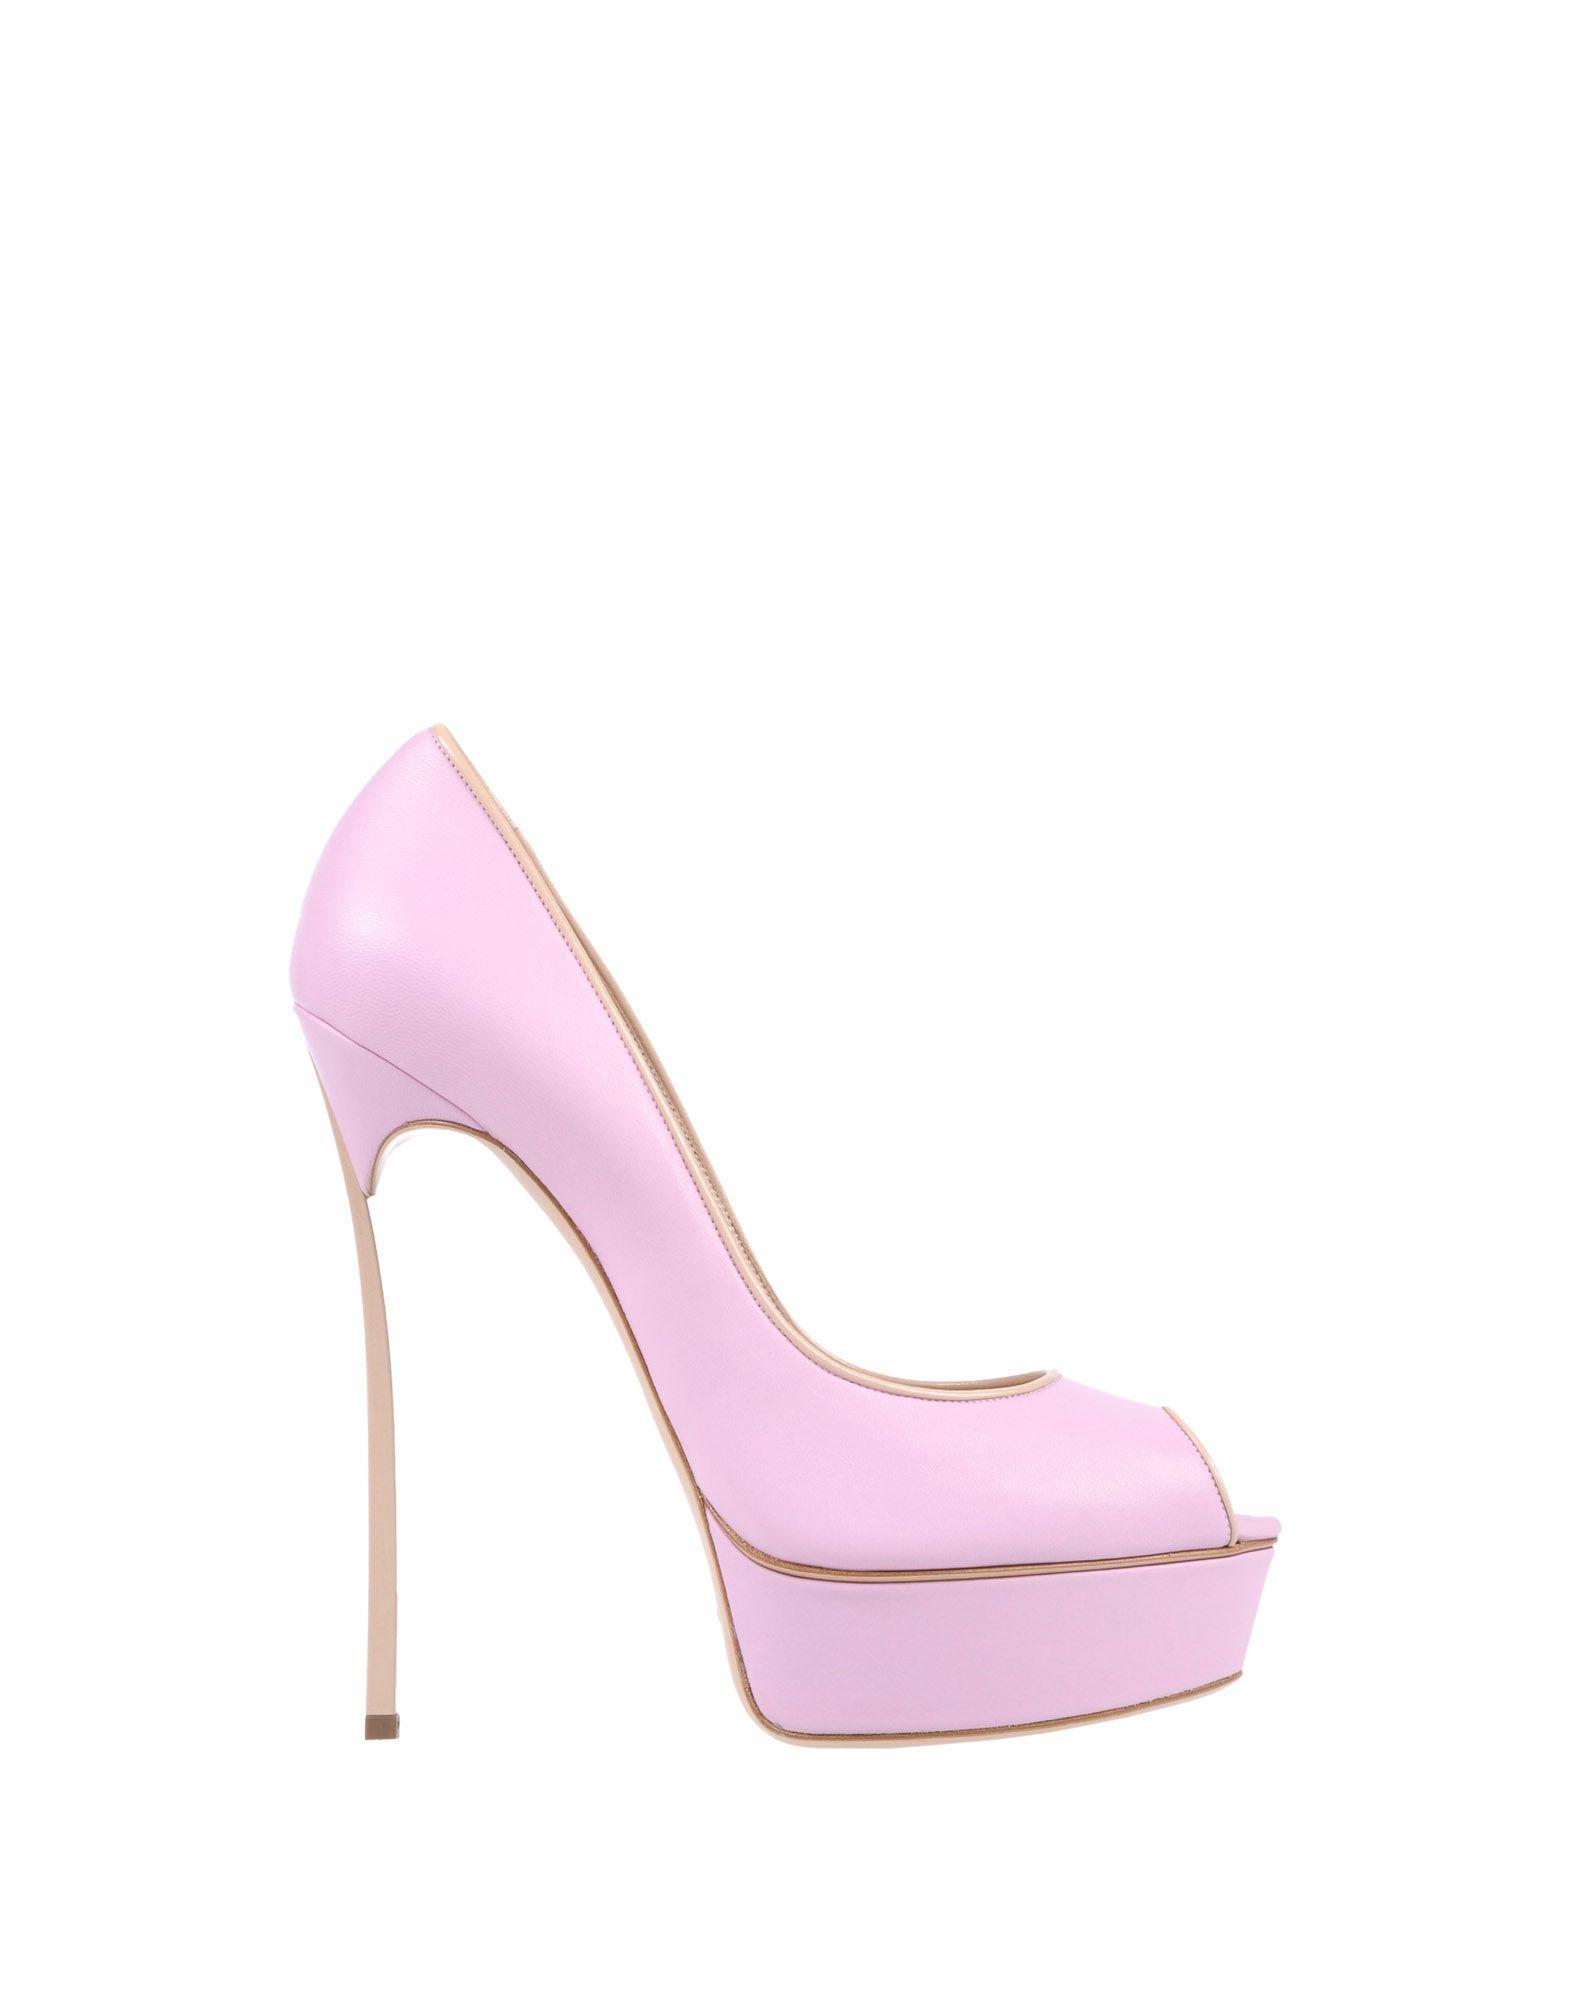 Haltbare Mode billige Schuhe Casadei Pumps Damen  11292330BJ Heiße Schuhe